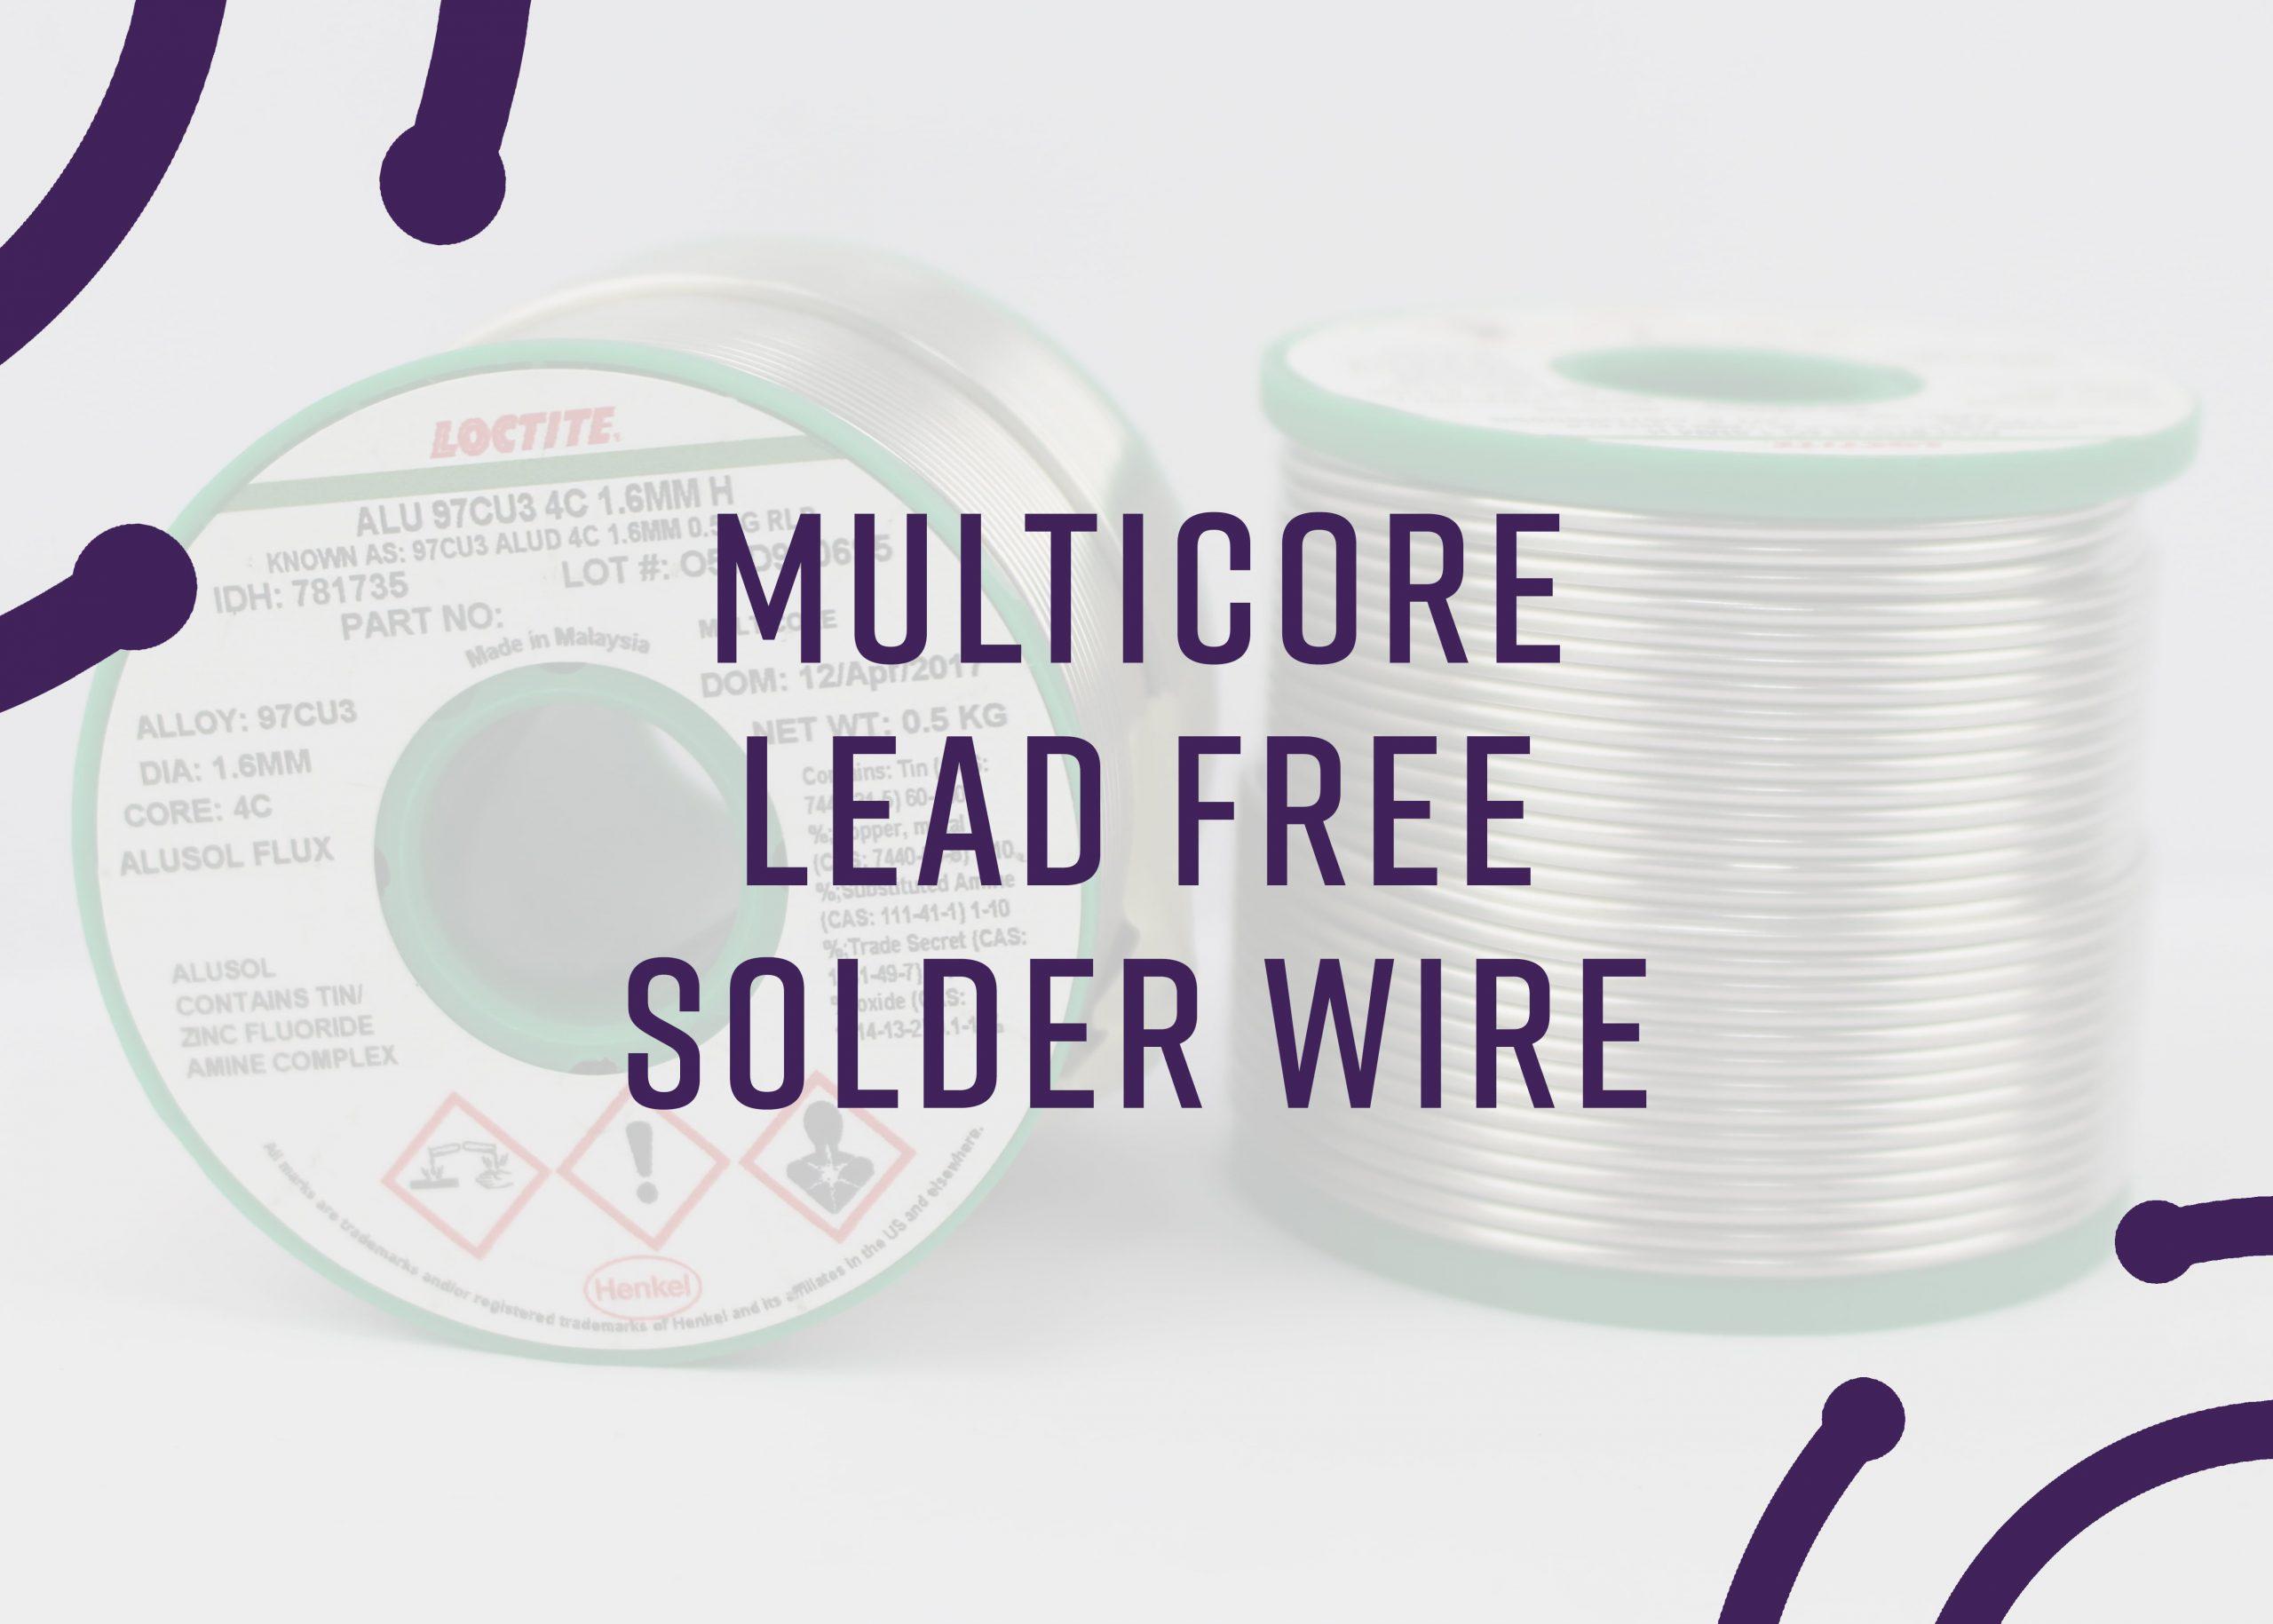 Multicore Lead Free Solder Wire